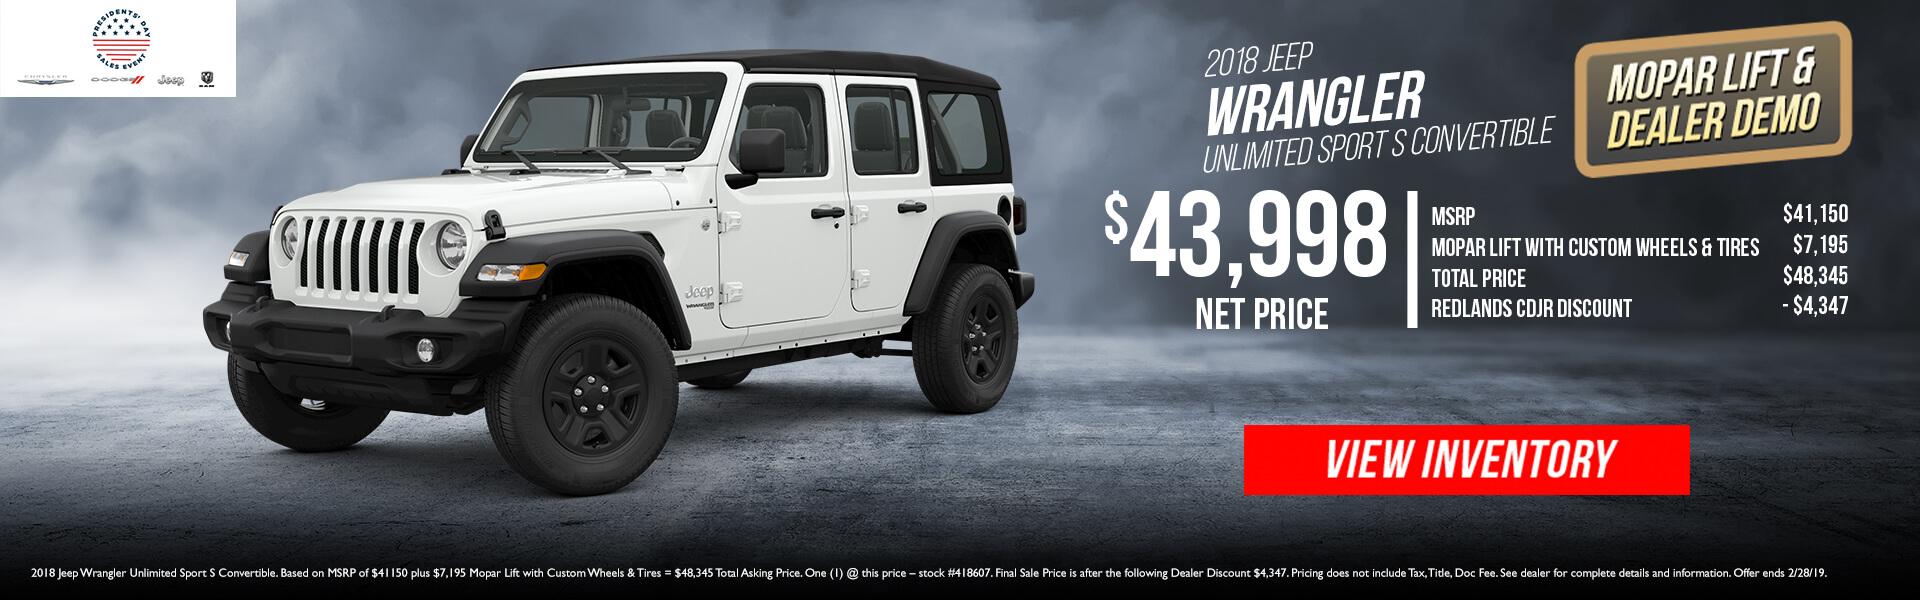 2018 Jeep Wrangler 418607